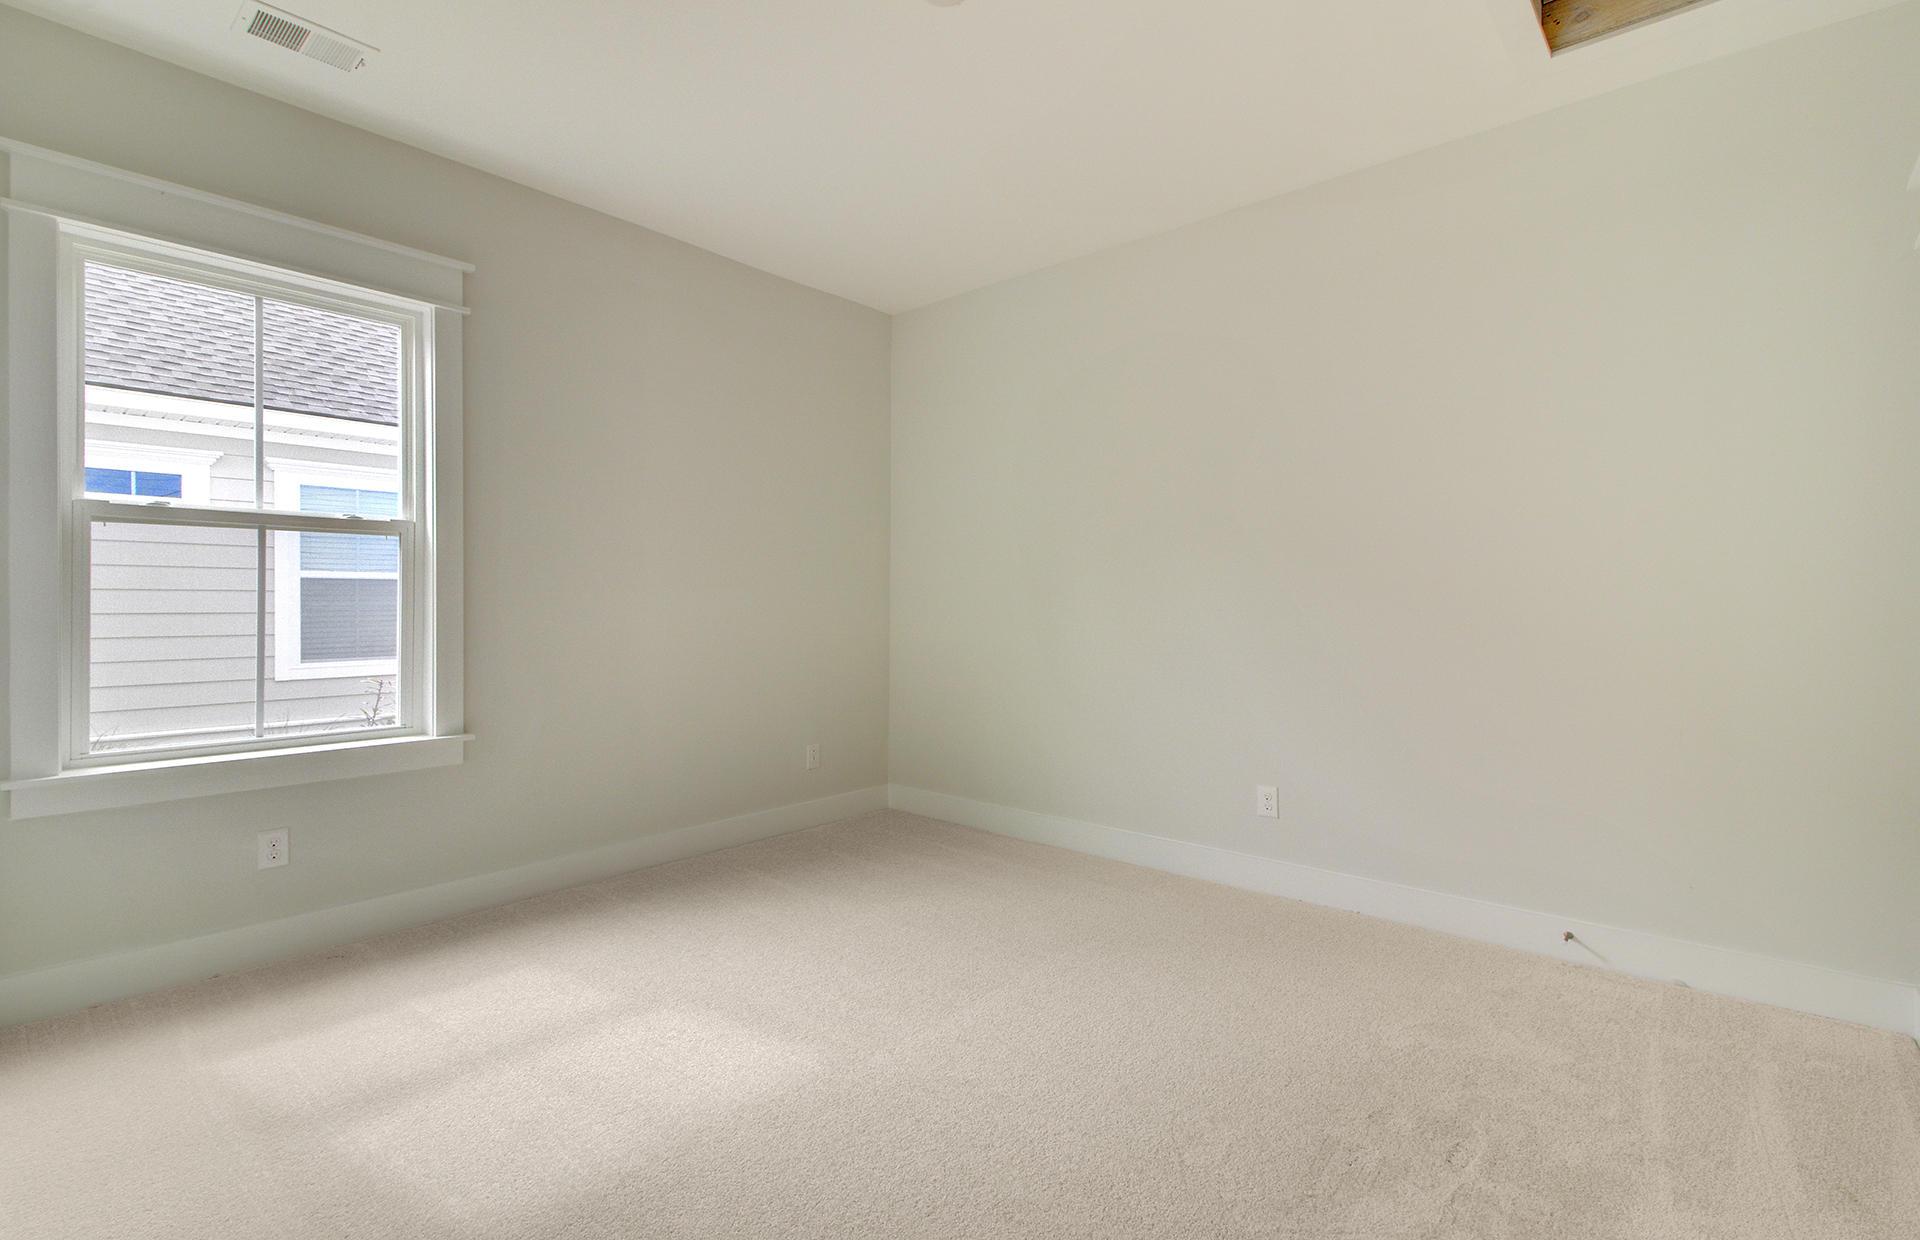 Park West Homes For Sale - 3032 Caspian, Mount Pleasant, SC - 4